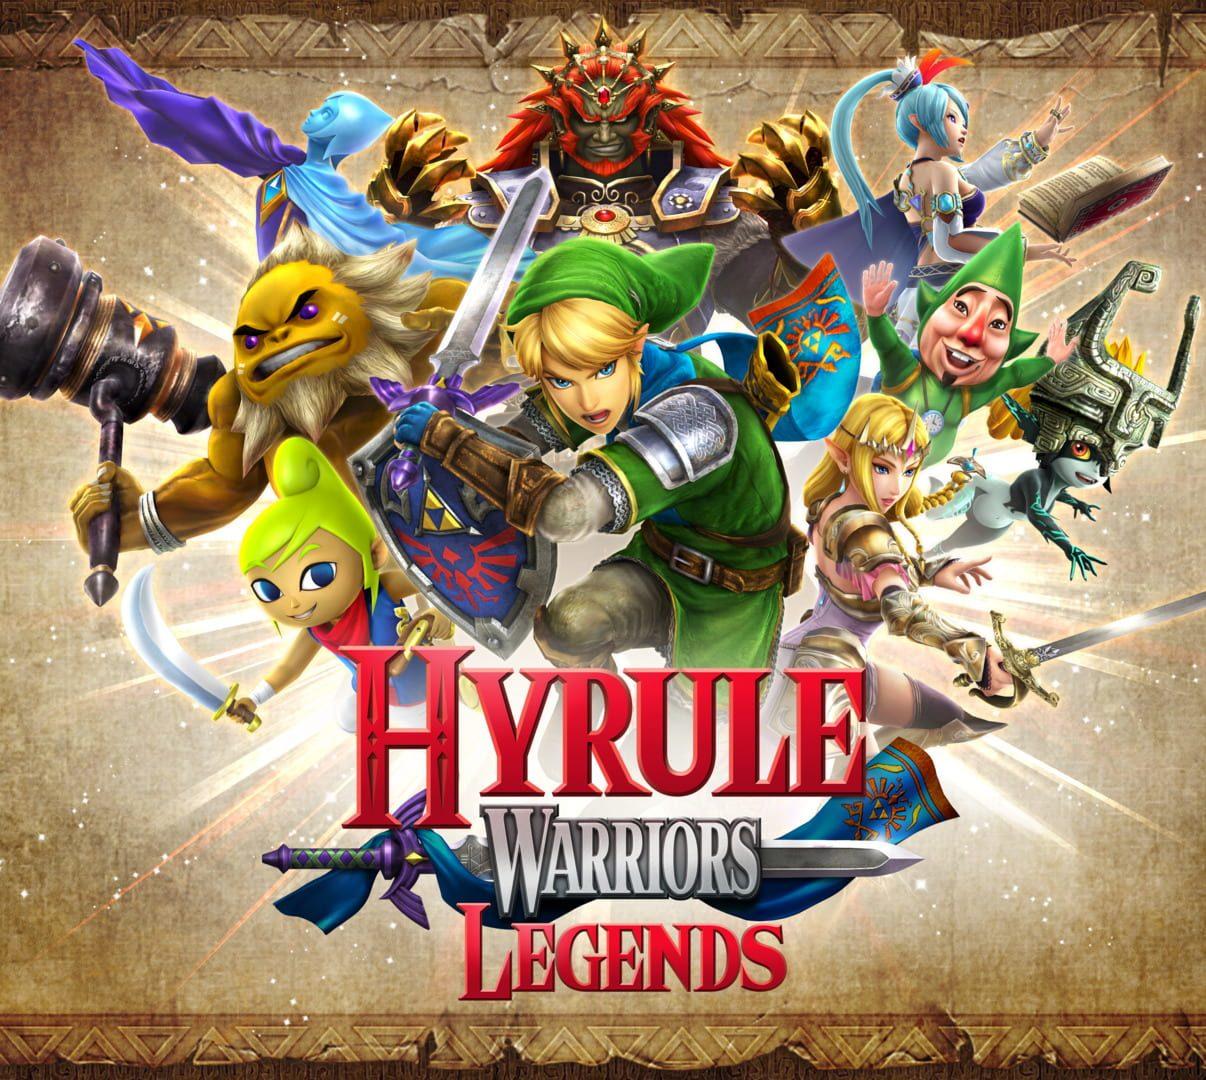 buy Hyrule Warriors: Legends cd key for all platform